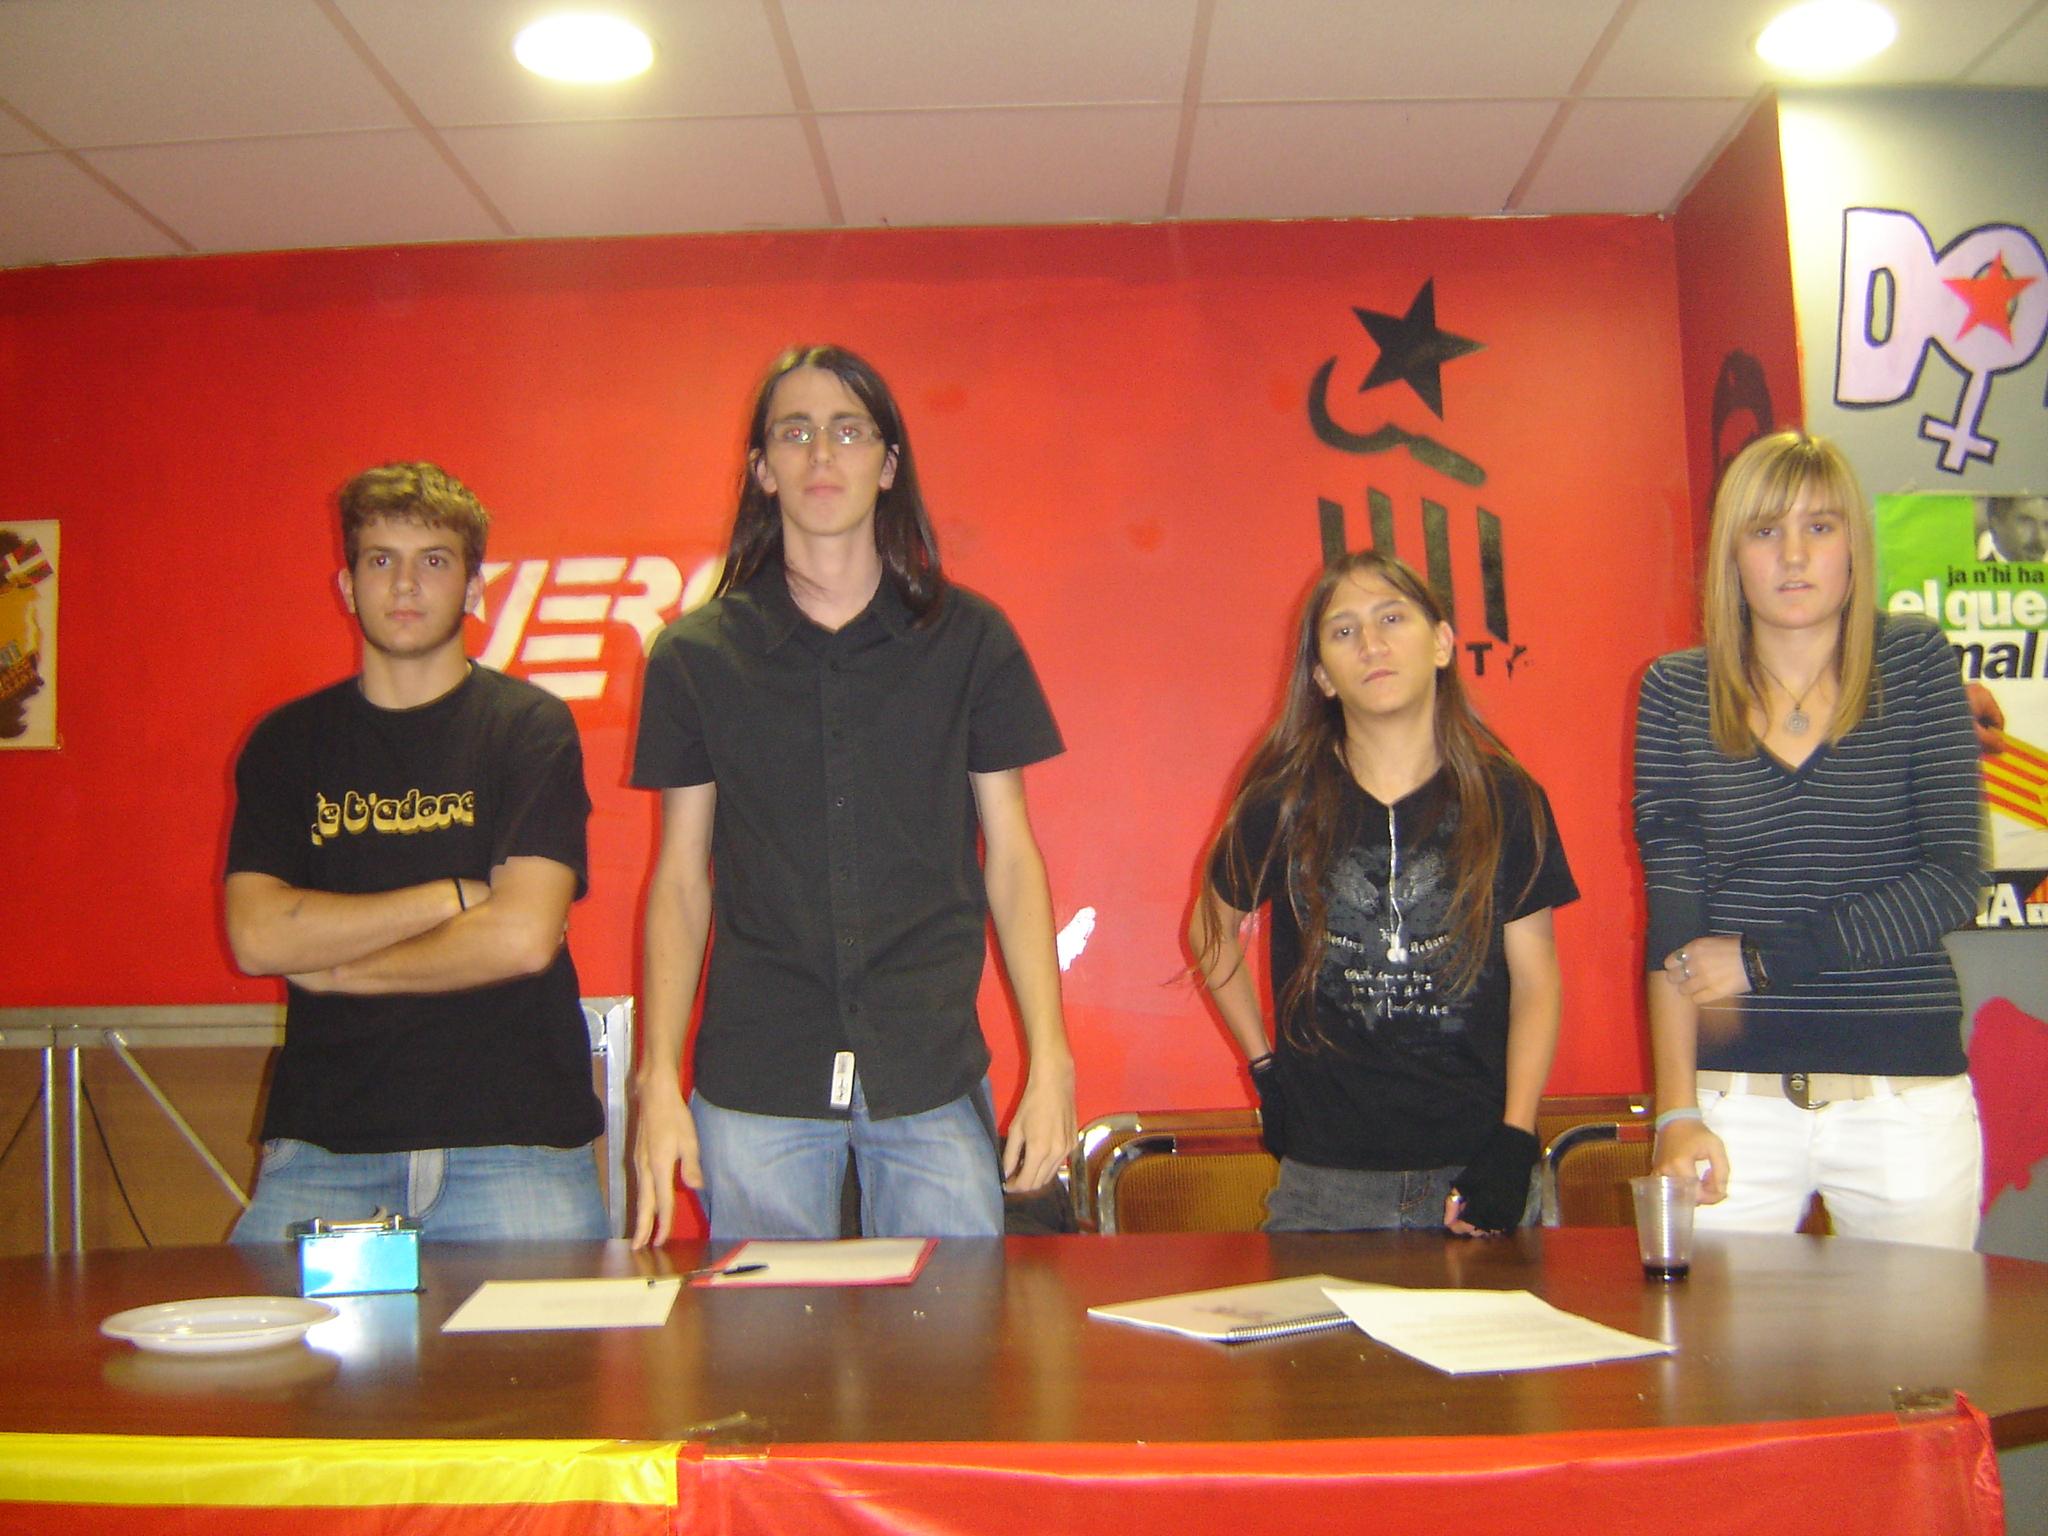 Congrès Lleida 08'